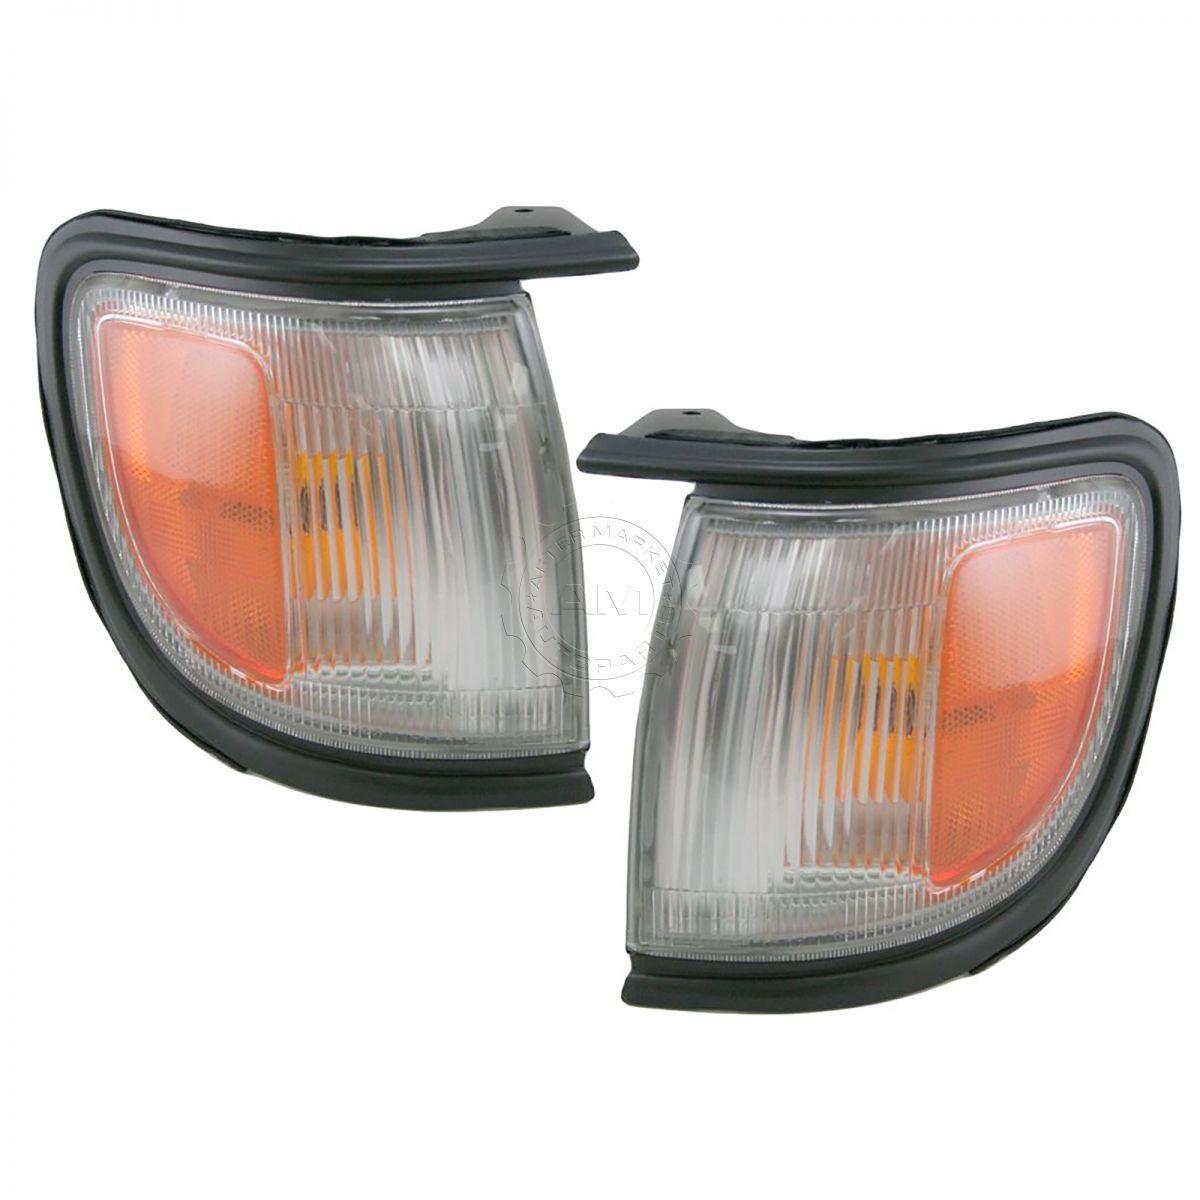 コーナーライト Marker Signal Corner Parking Light Pair Set w/ Black Bezel For 96-99 Pathfinder マーカ信号コーナーパーキングライトペア(96-99パスファインダー用ブラックベゼル付)